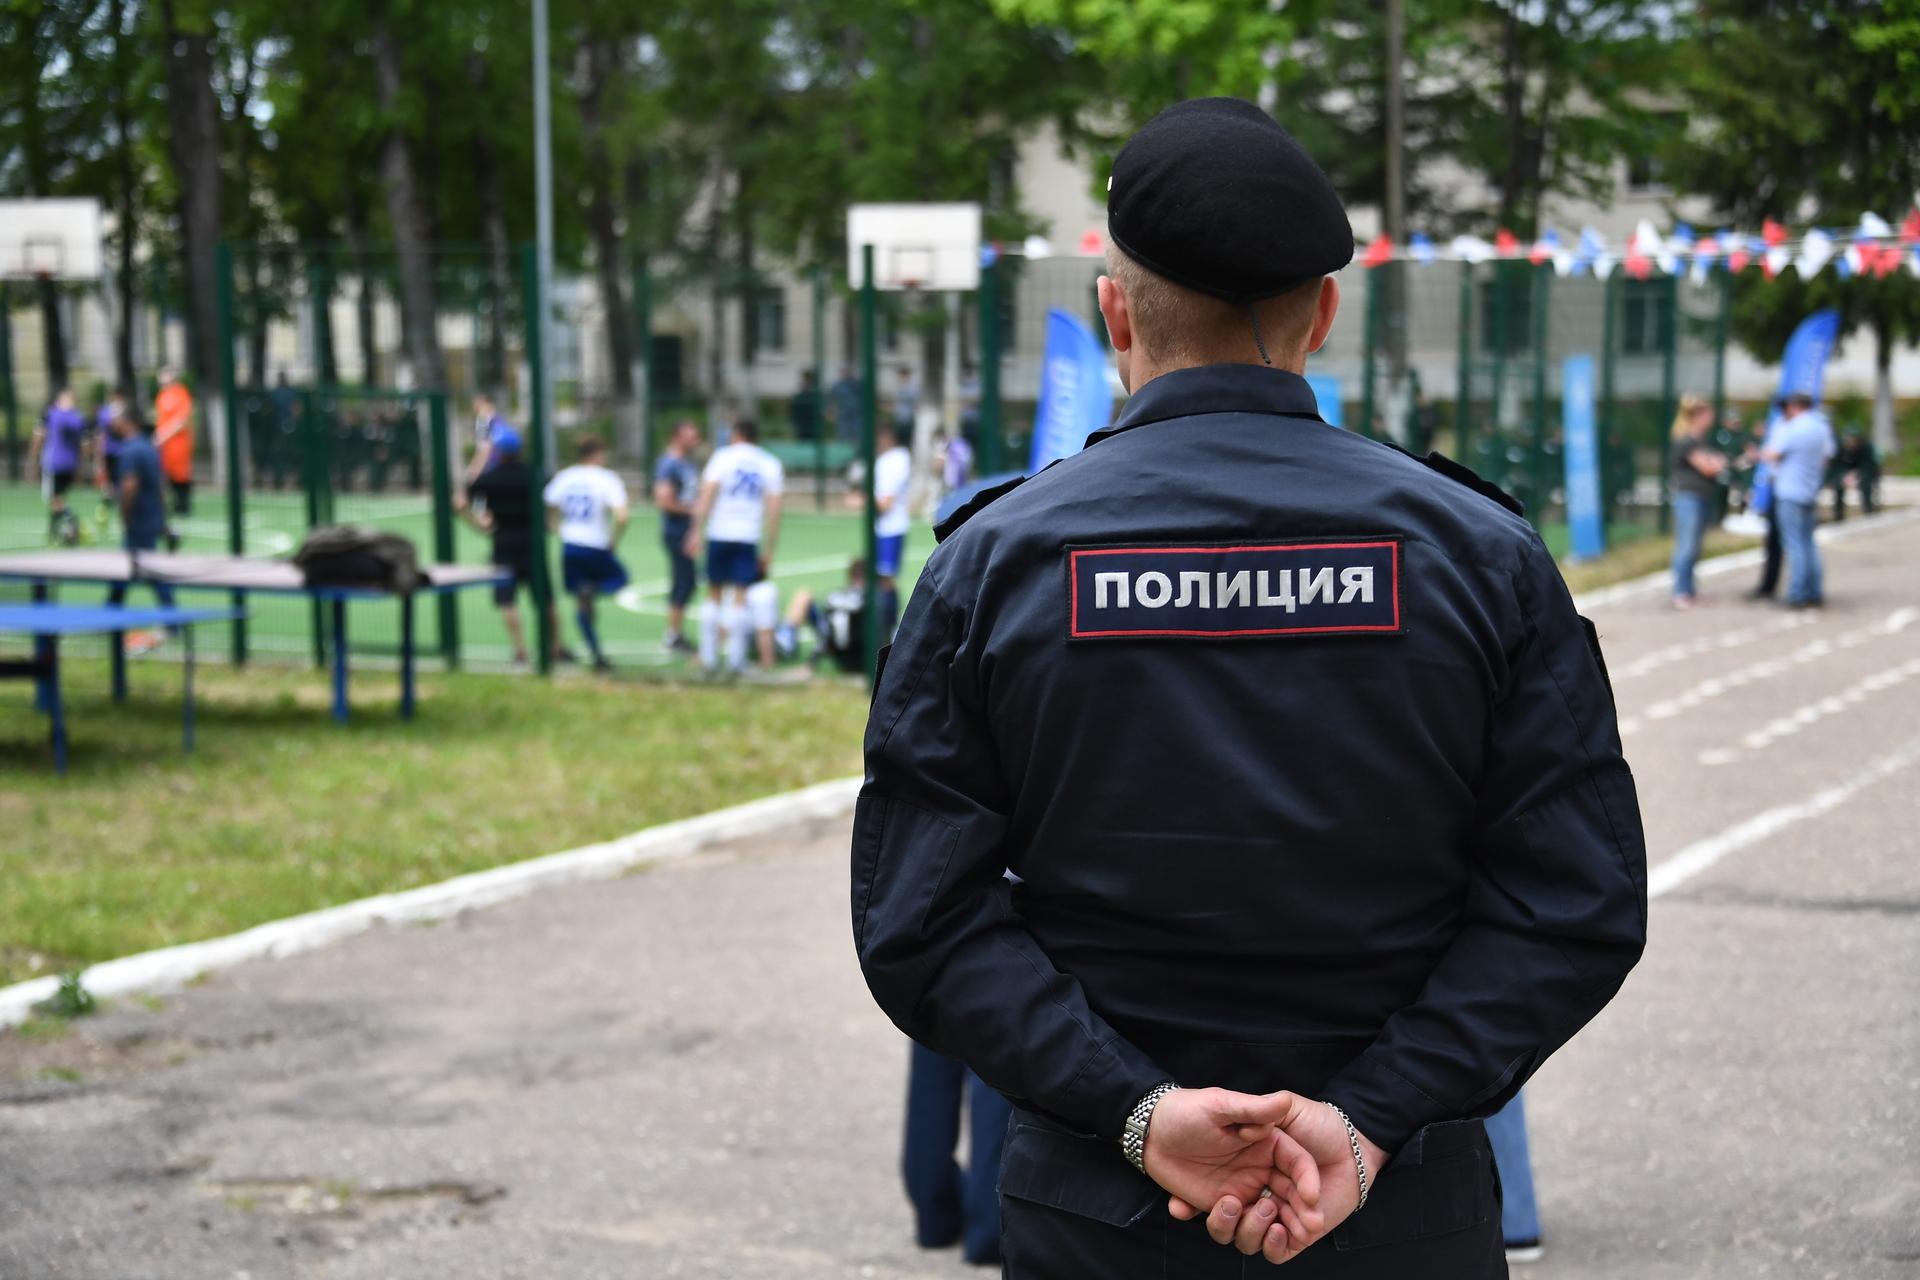 Тела двух мигрантов нашли на частном участке в Новой Москве